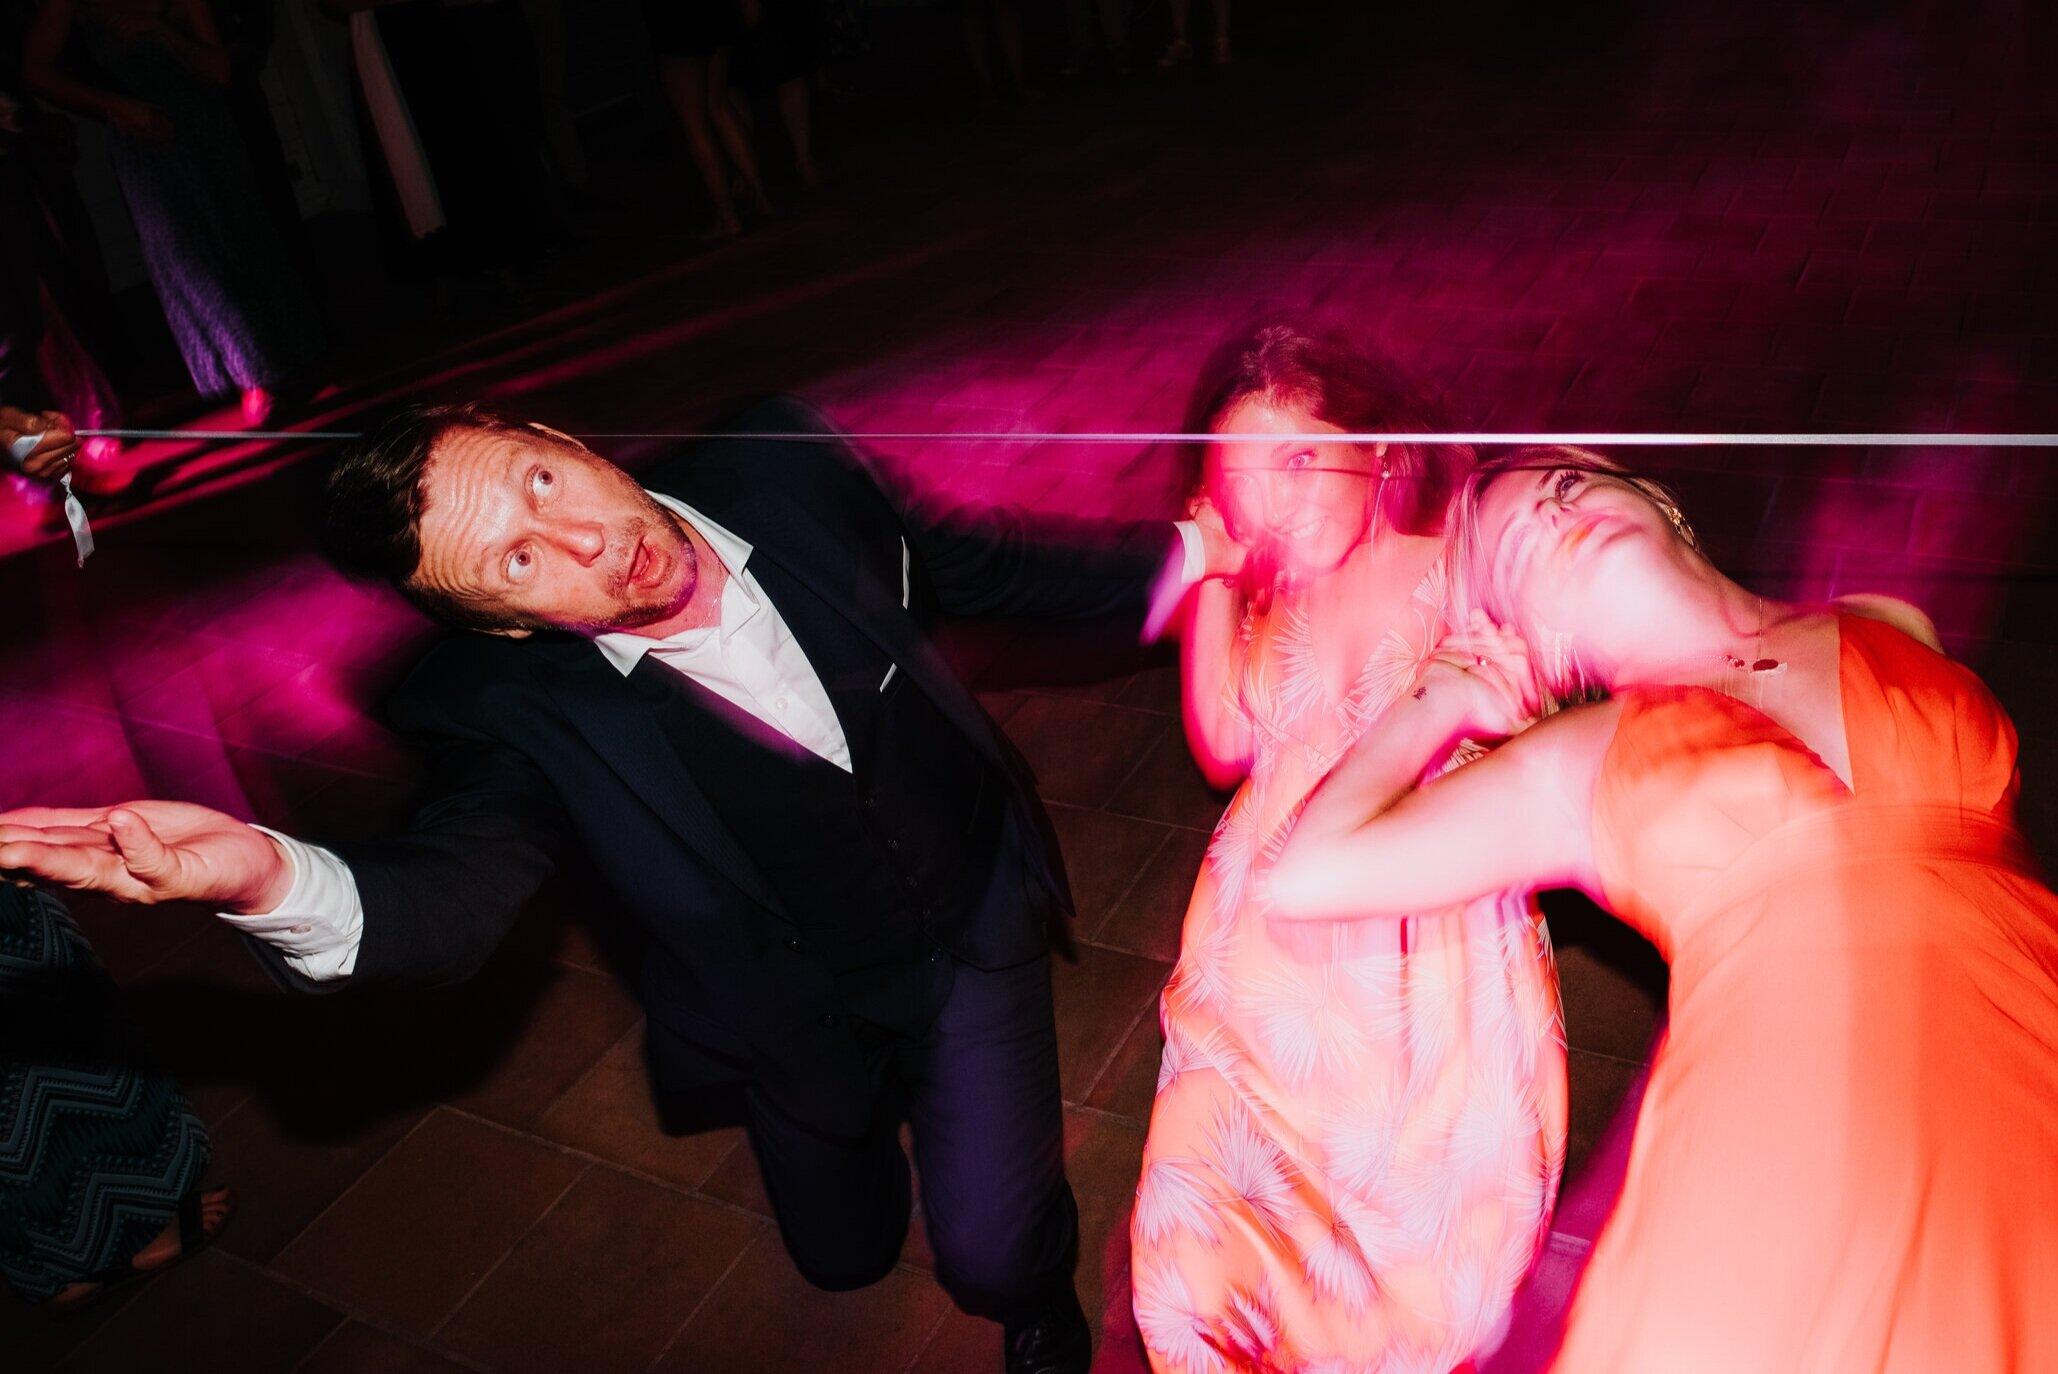 L%C3%A9a-Fery-photographe-professionnel-Bretagne-portrait-creation-mariage-evenement-evenementiel-famille-0150.jpg